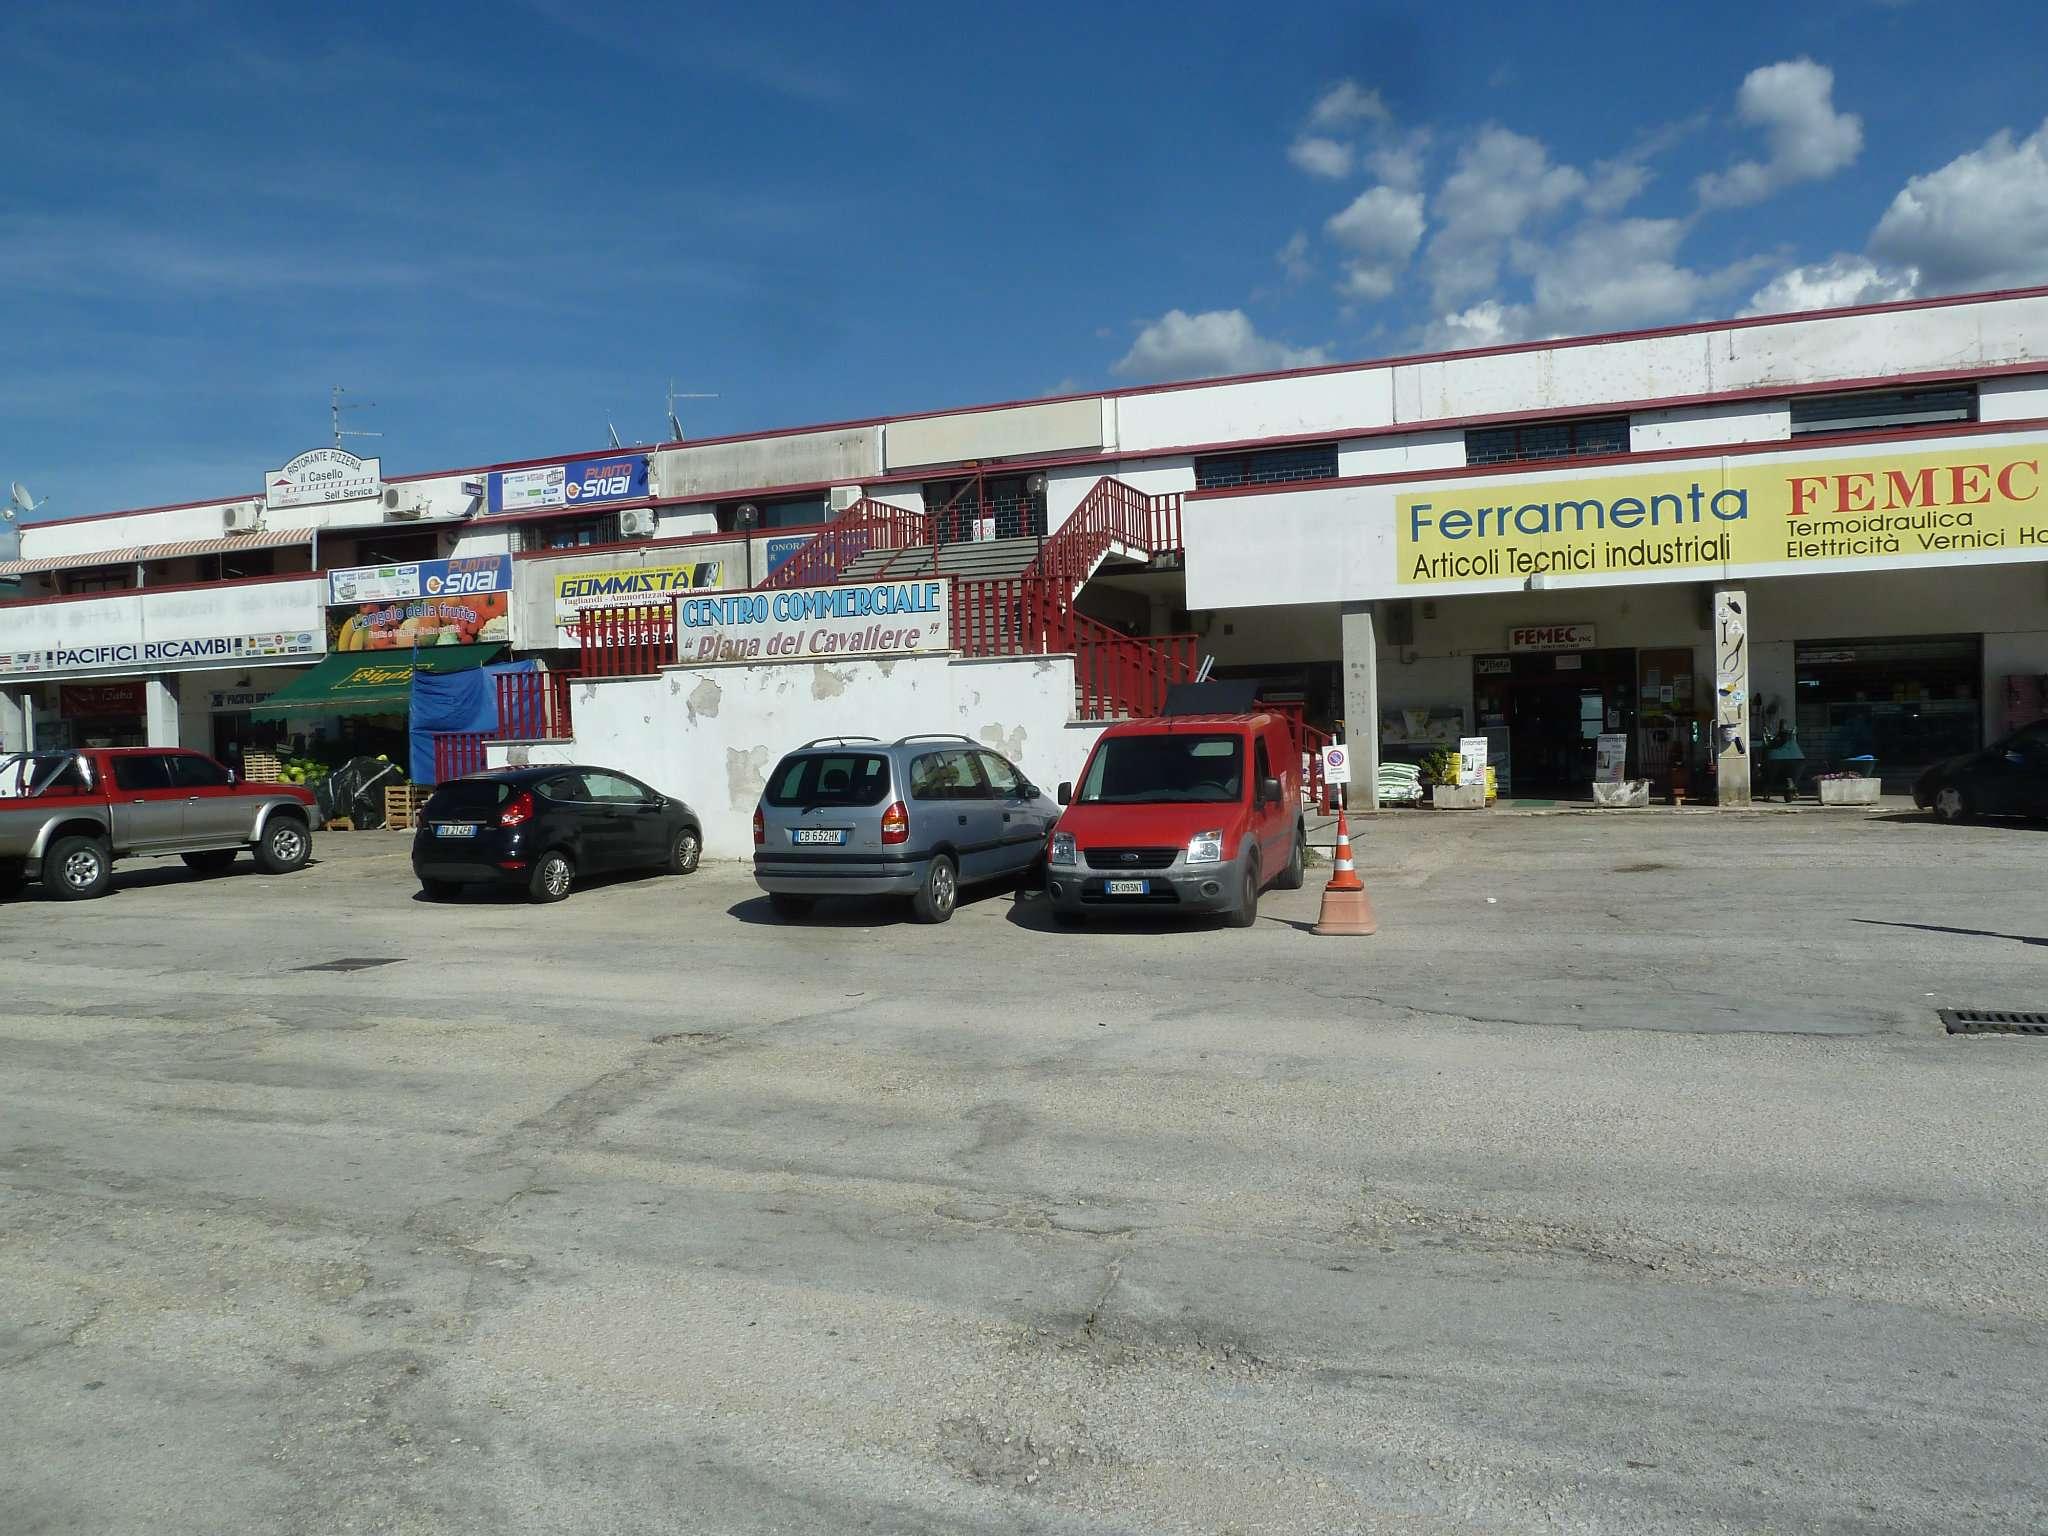 Negozio / Locale in vendita a Carsoli, 1 locali, prezzo € 130.000 | CambioCasa.it